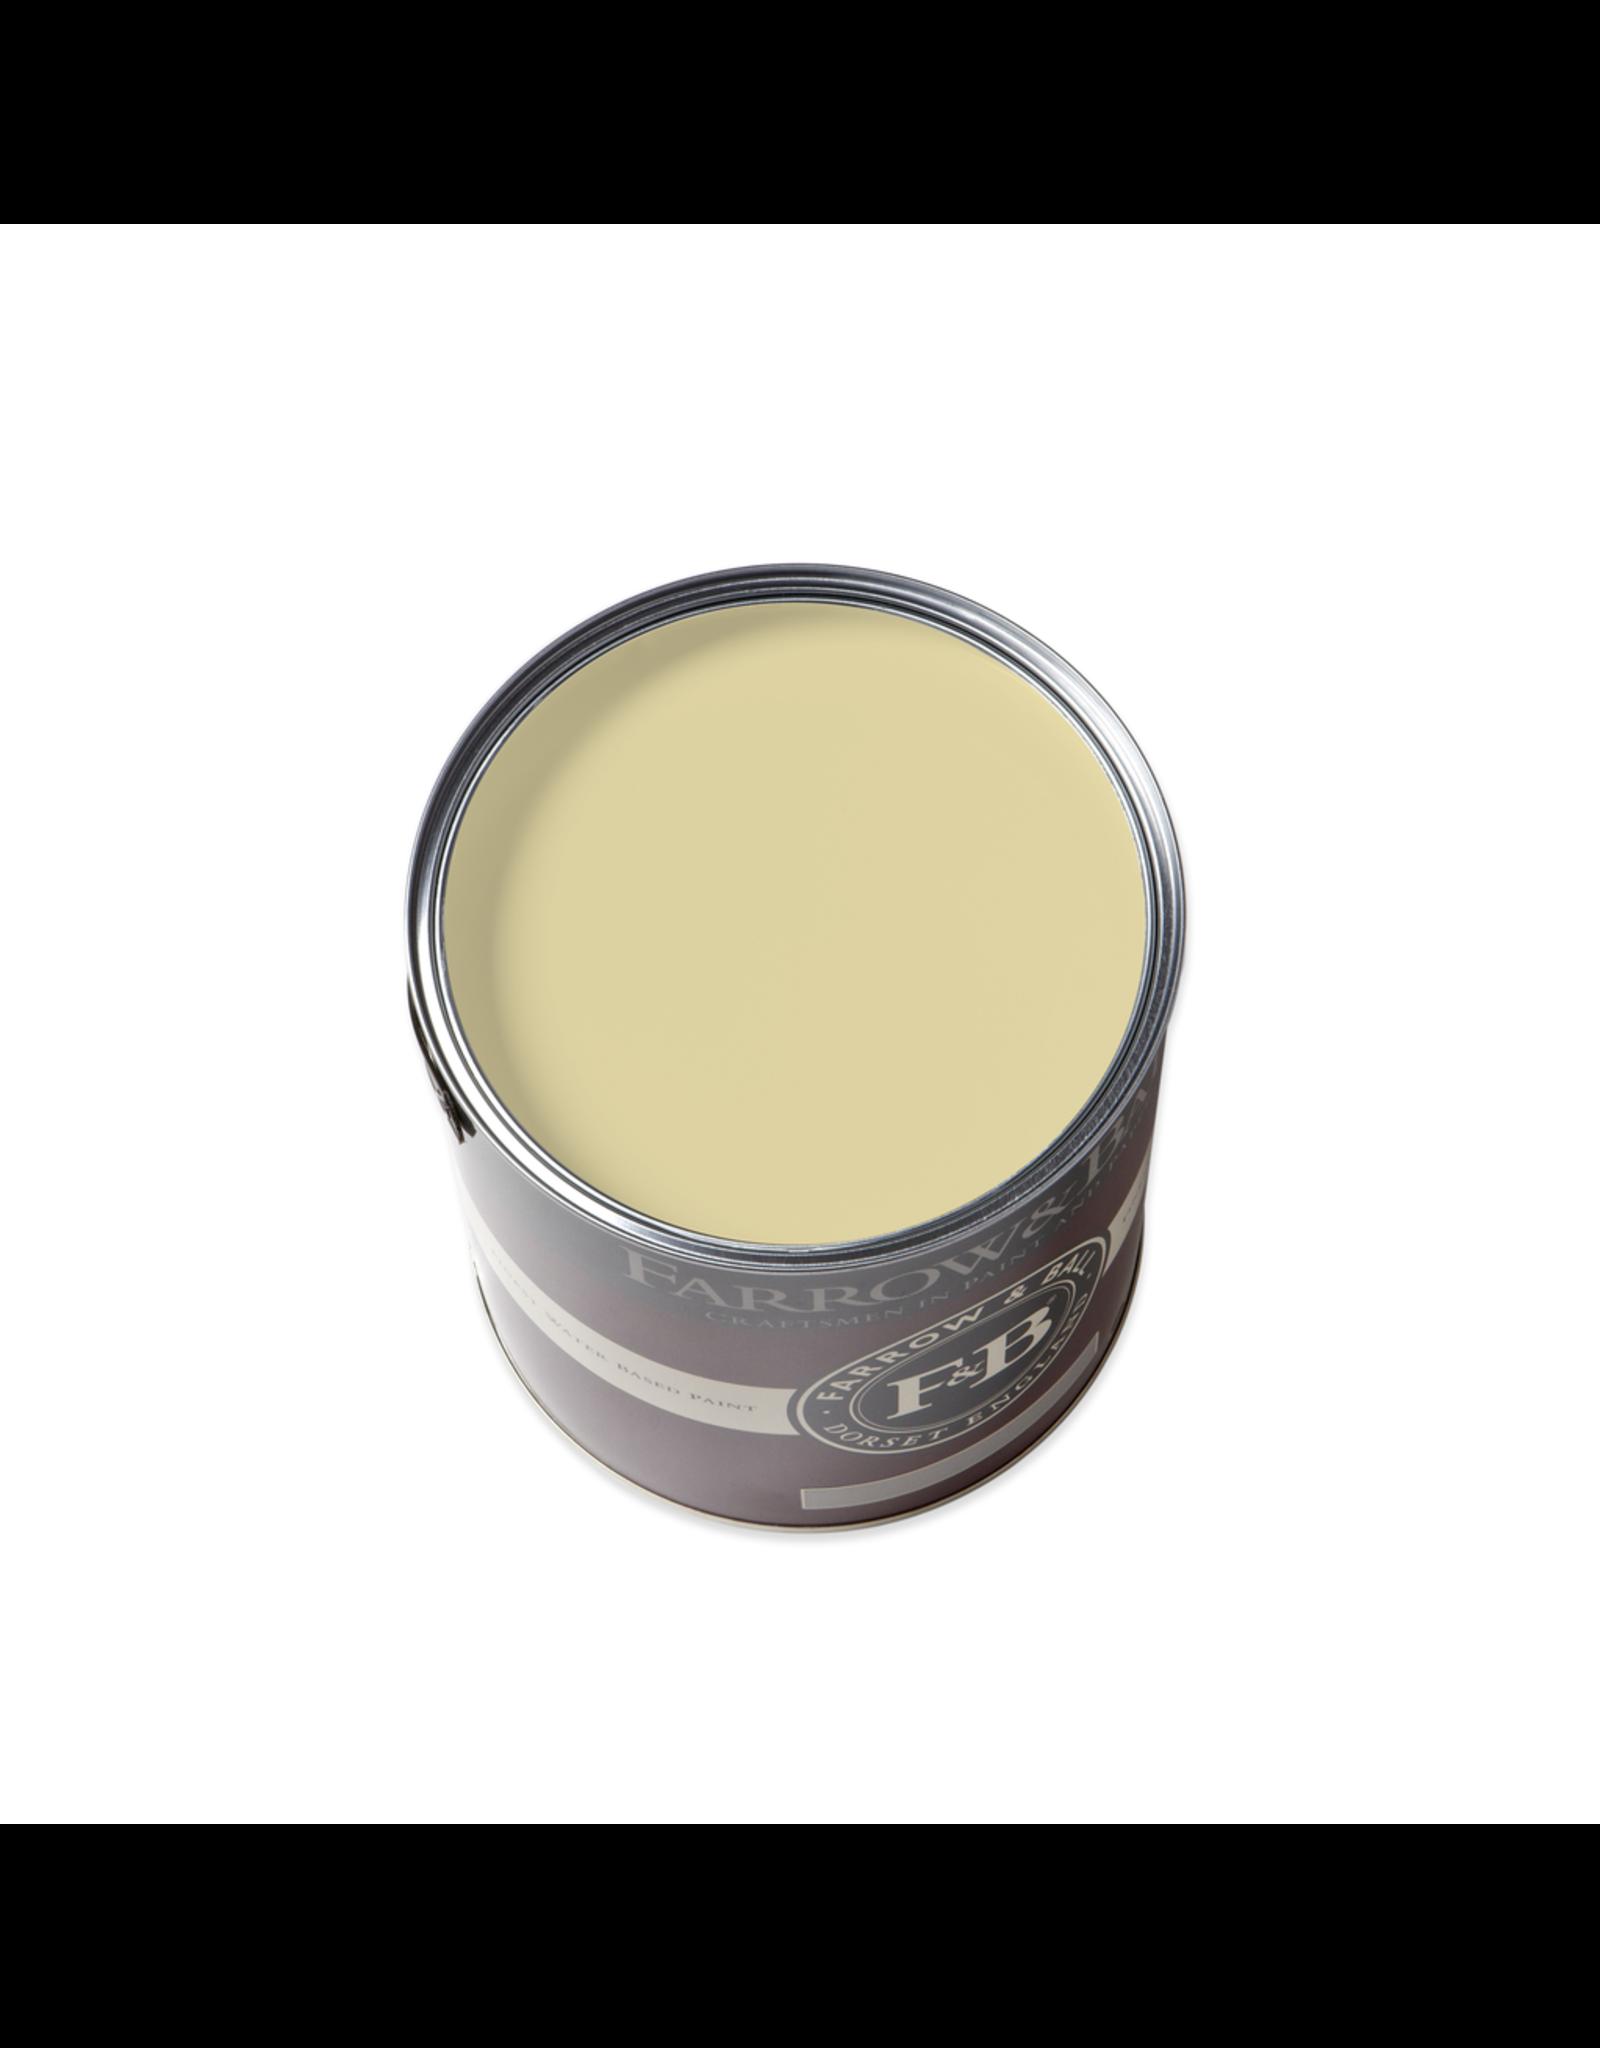 Farrow and Ball Gallon Modern Emulsion Dorset Cream No. 68